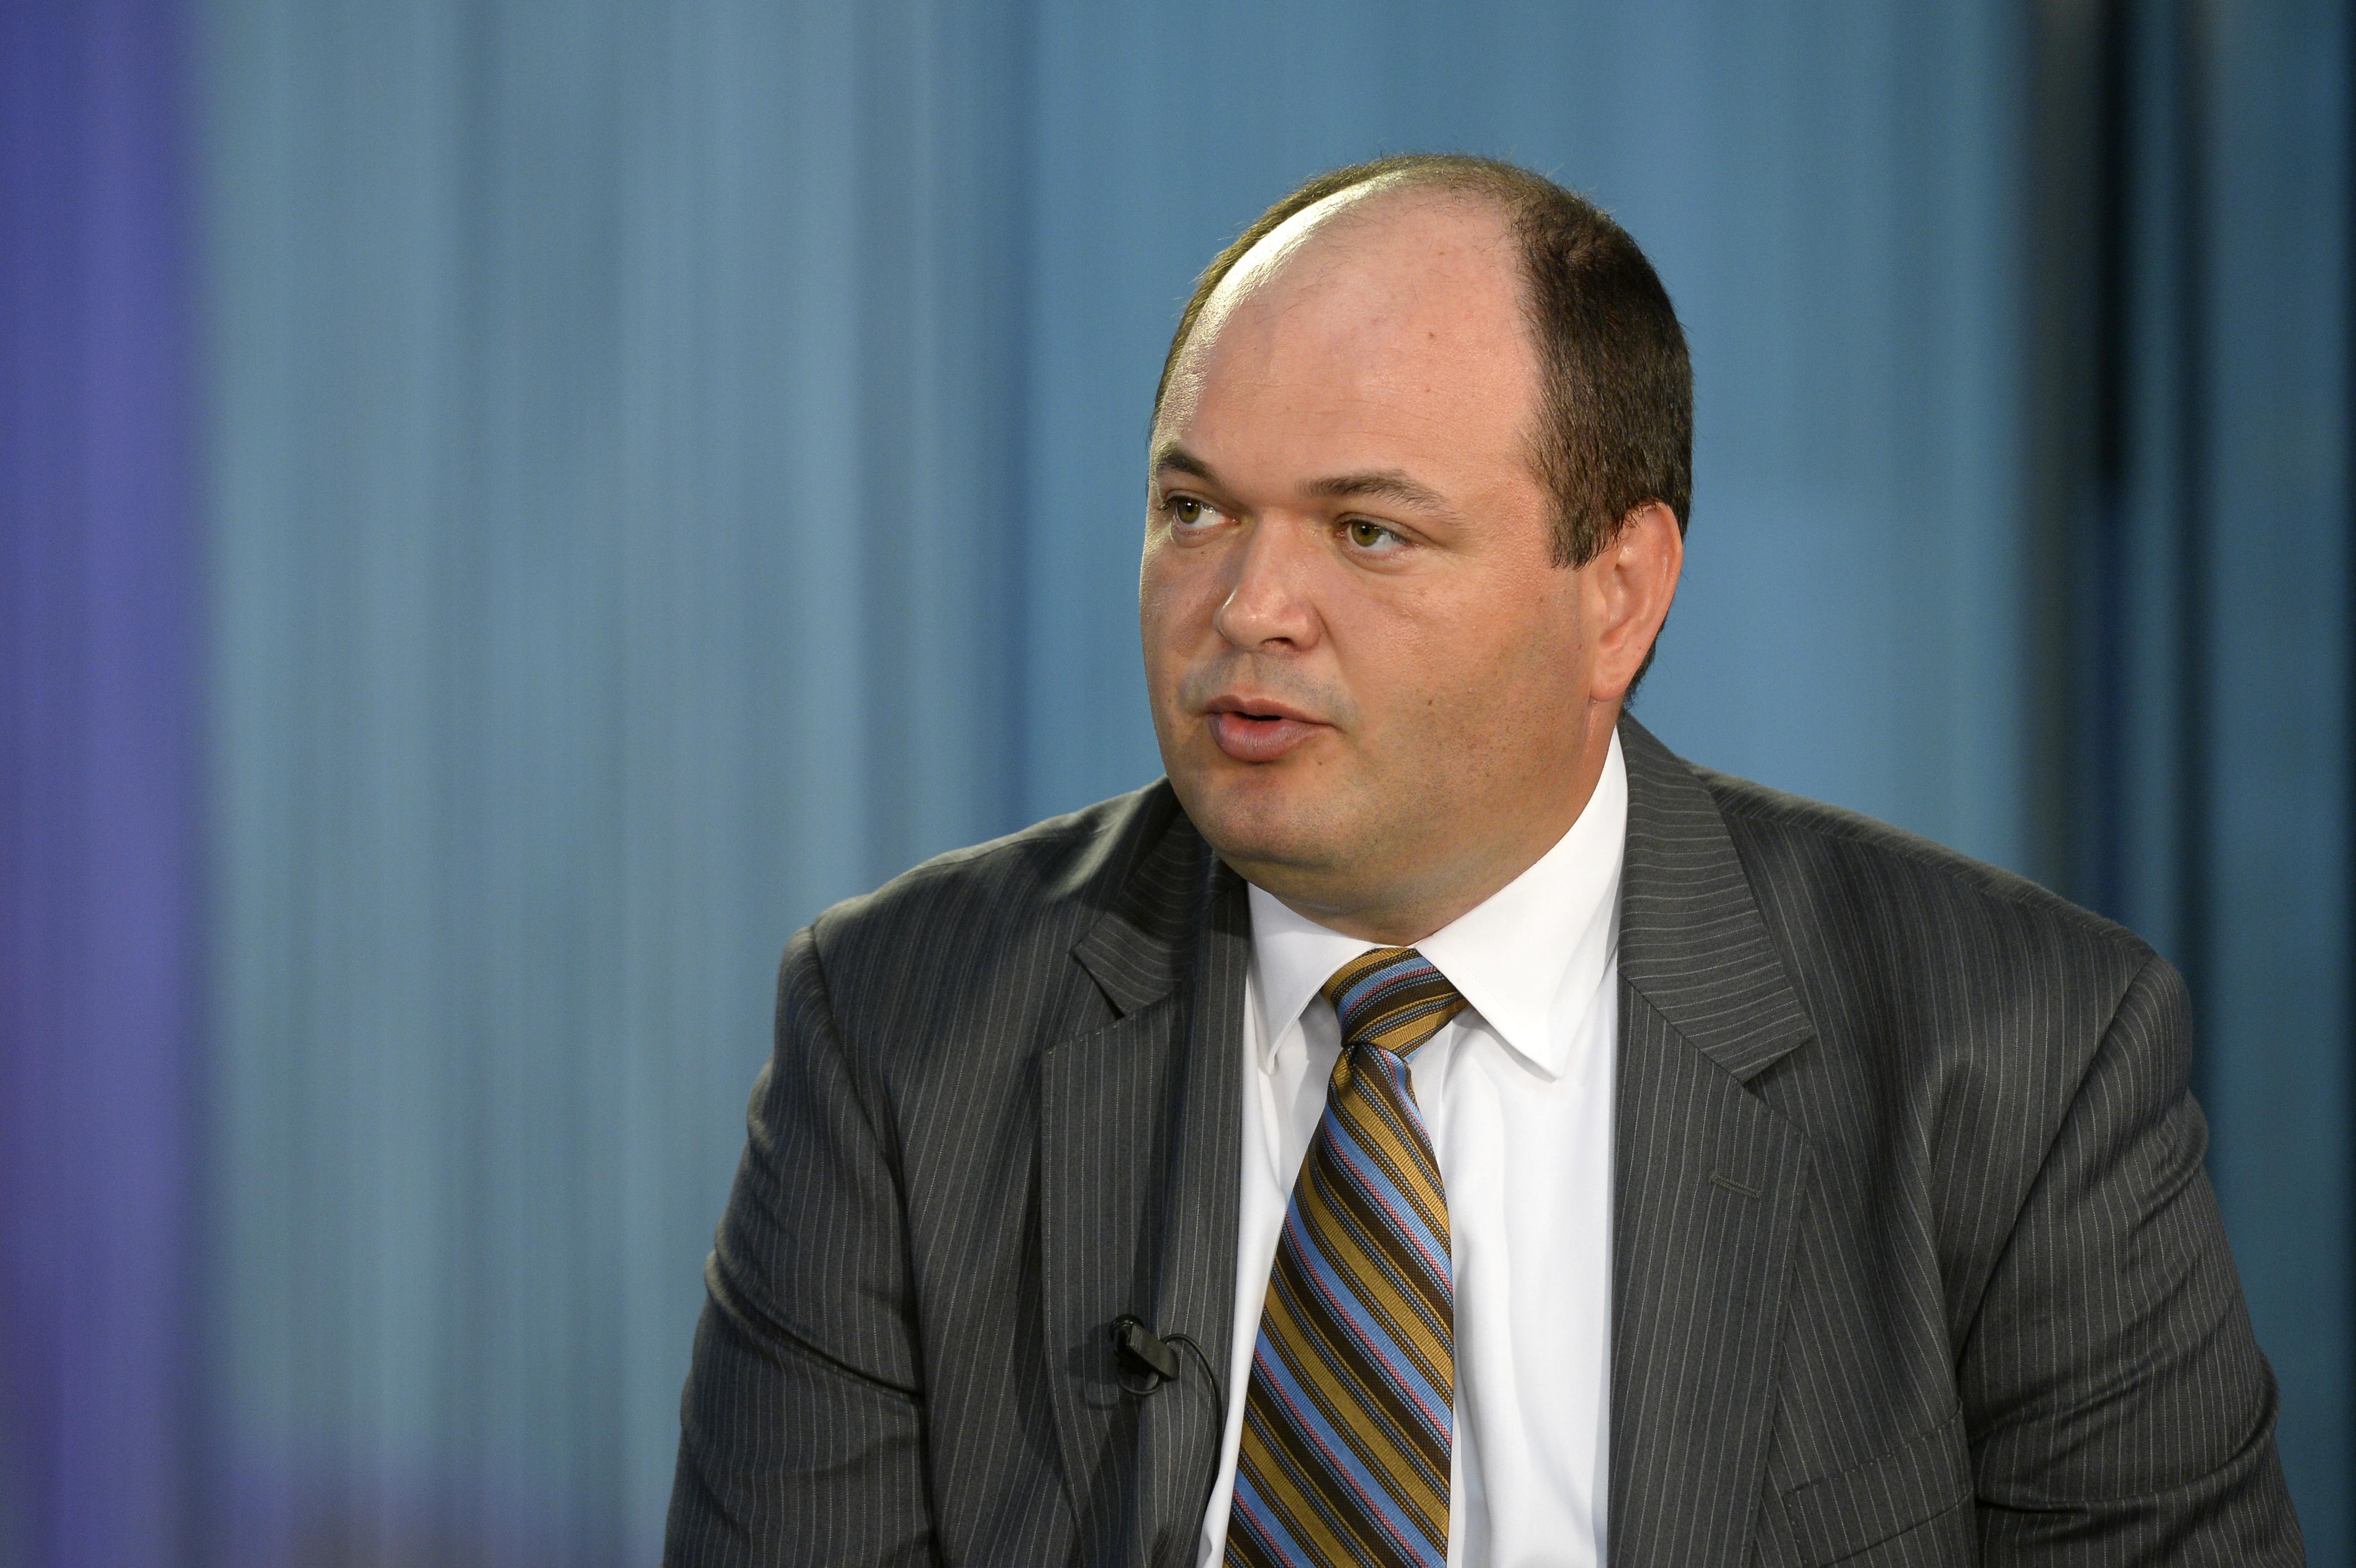 Presedintele Consiliului Fiscal: Trebuie acoperit un gol de 2% din PIB in buget pentru reducerea CAS si alte masuri